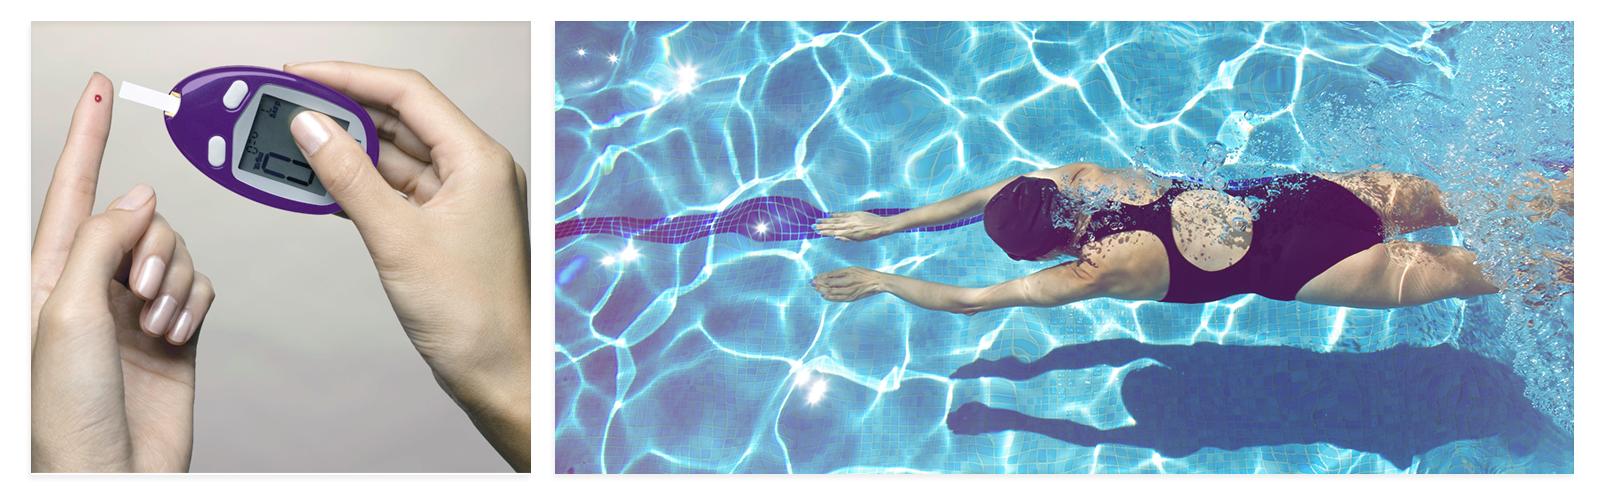 La natación: el ejercicio perfecto contra la diabetes tipo 2